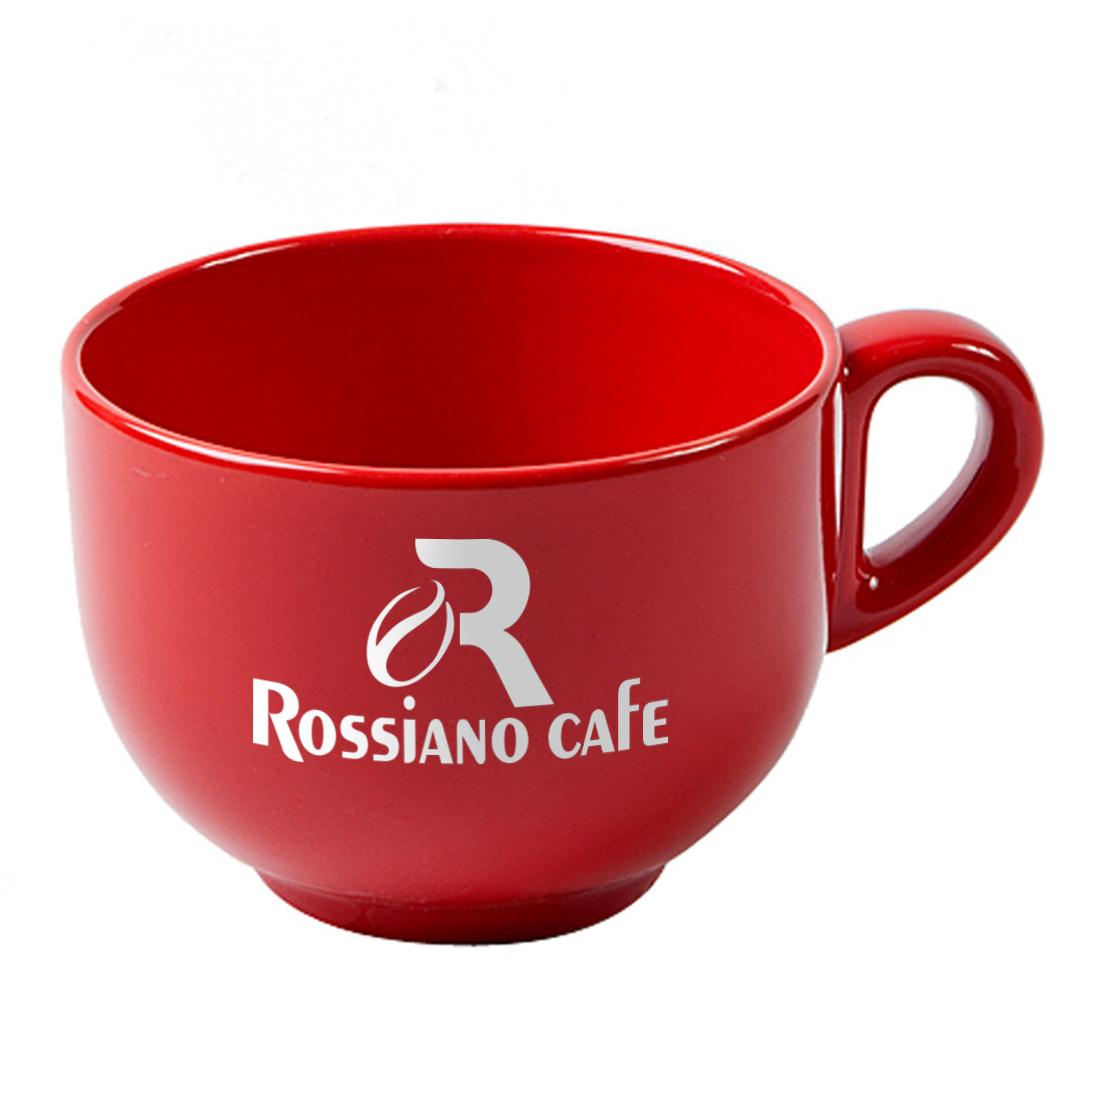 Логотип для кофейного бренда «Rossiano cafe». фото f_24757c7d182e1fae.jpg